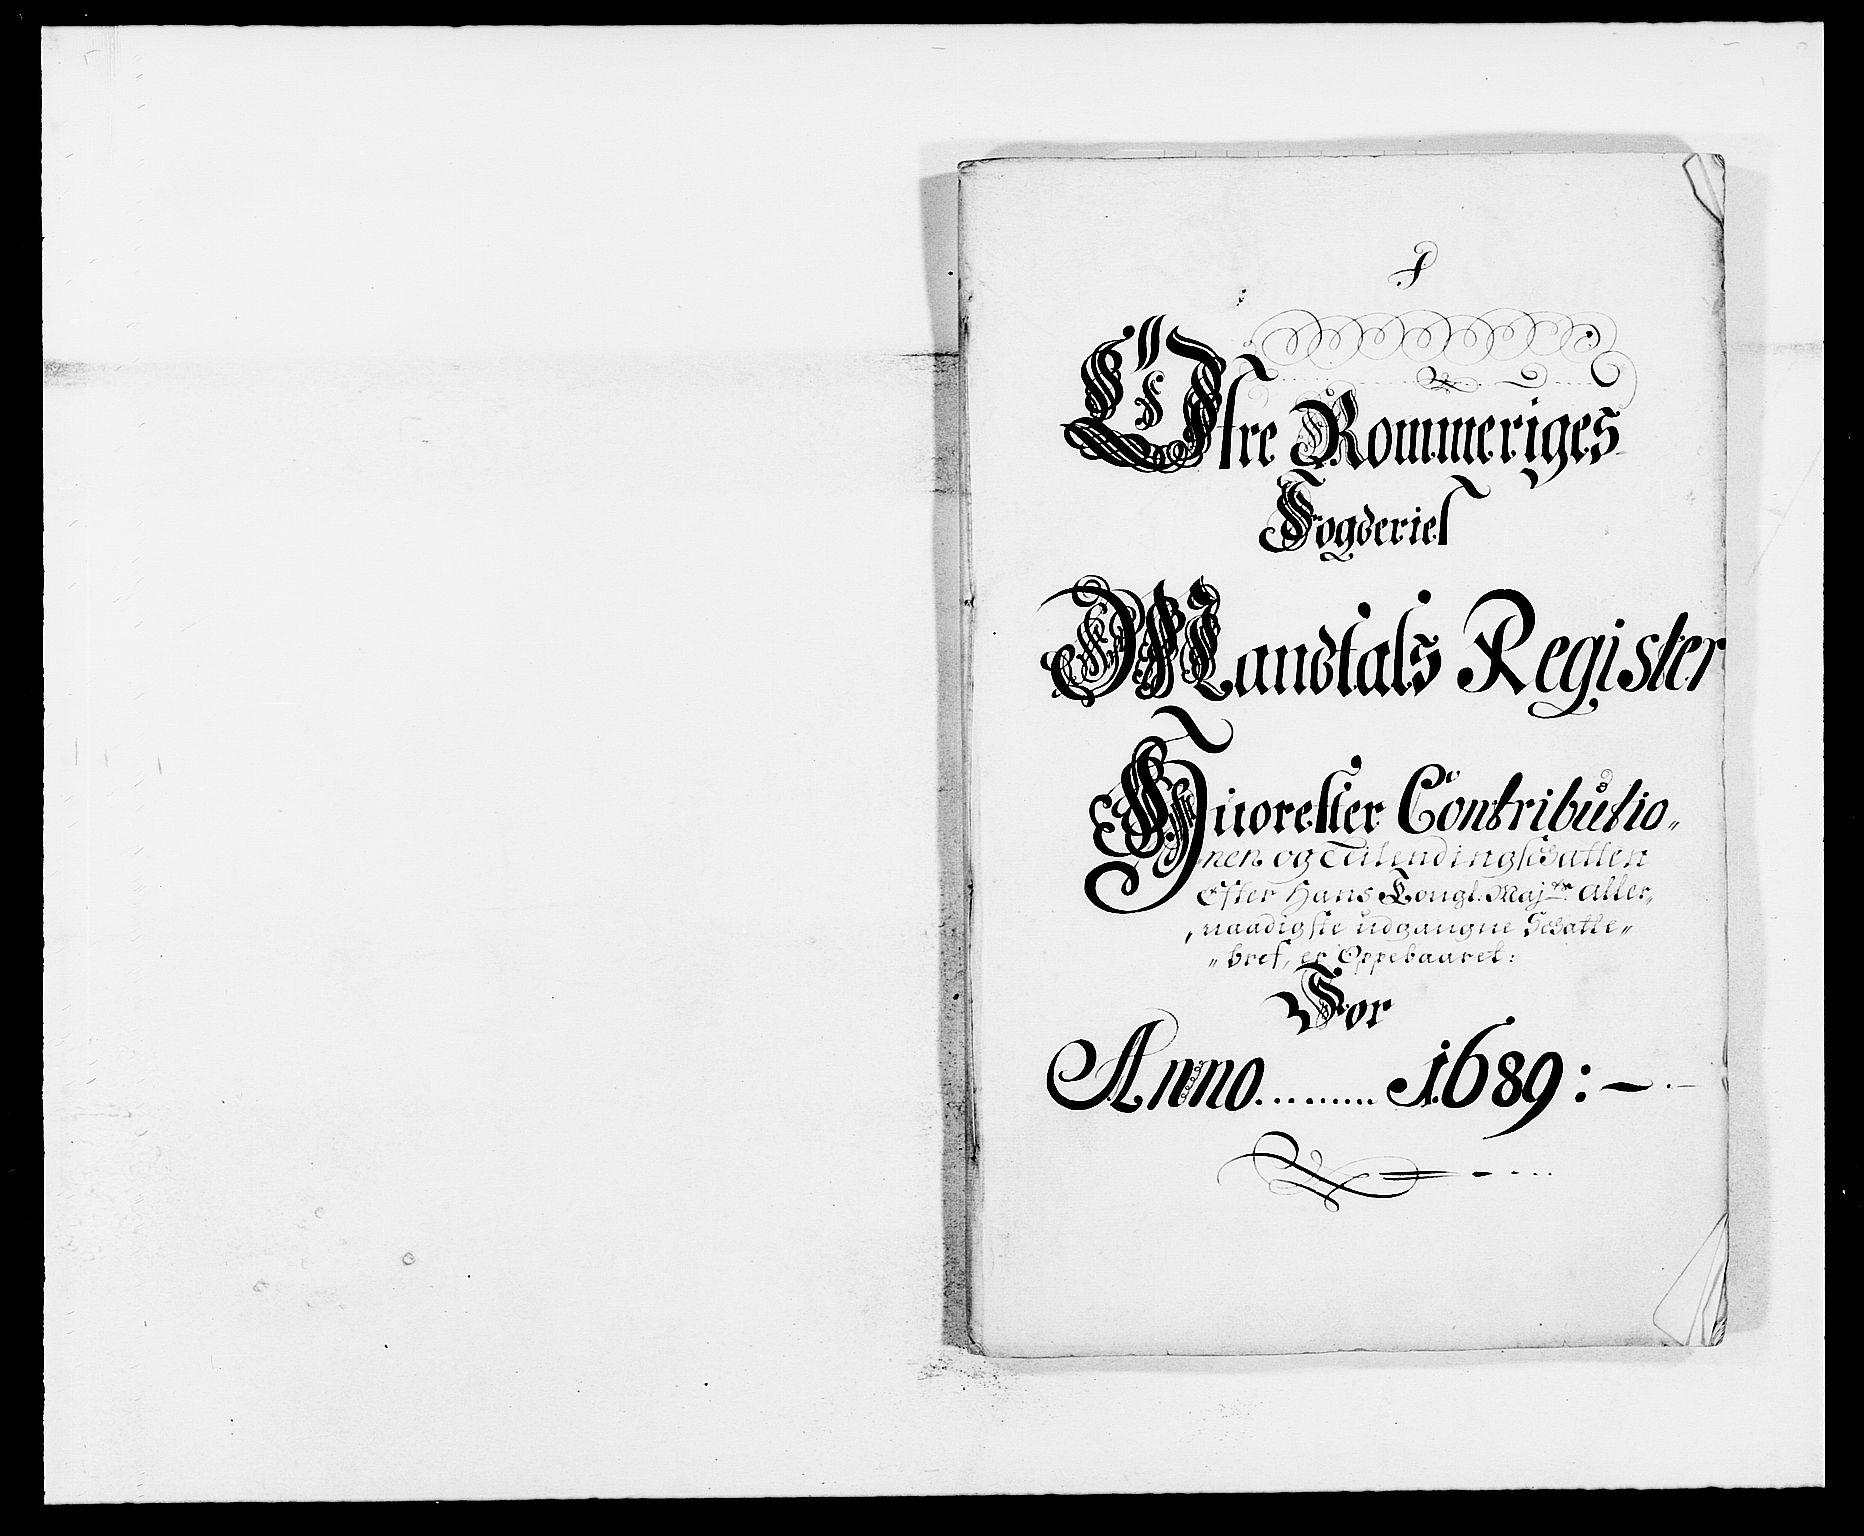 RA, Rentekammeret inntil 1814, Reviderte regnskaper, Fogderegnskap, R12/L0701: Fogderegnskap Øvre Romerike, 1689, s. 89